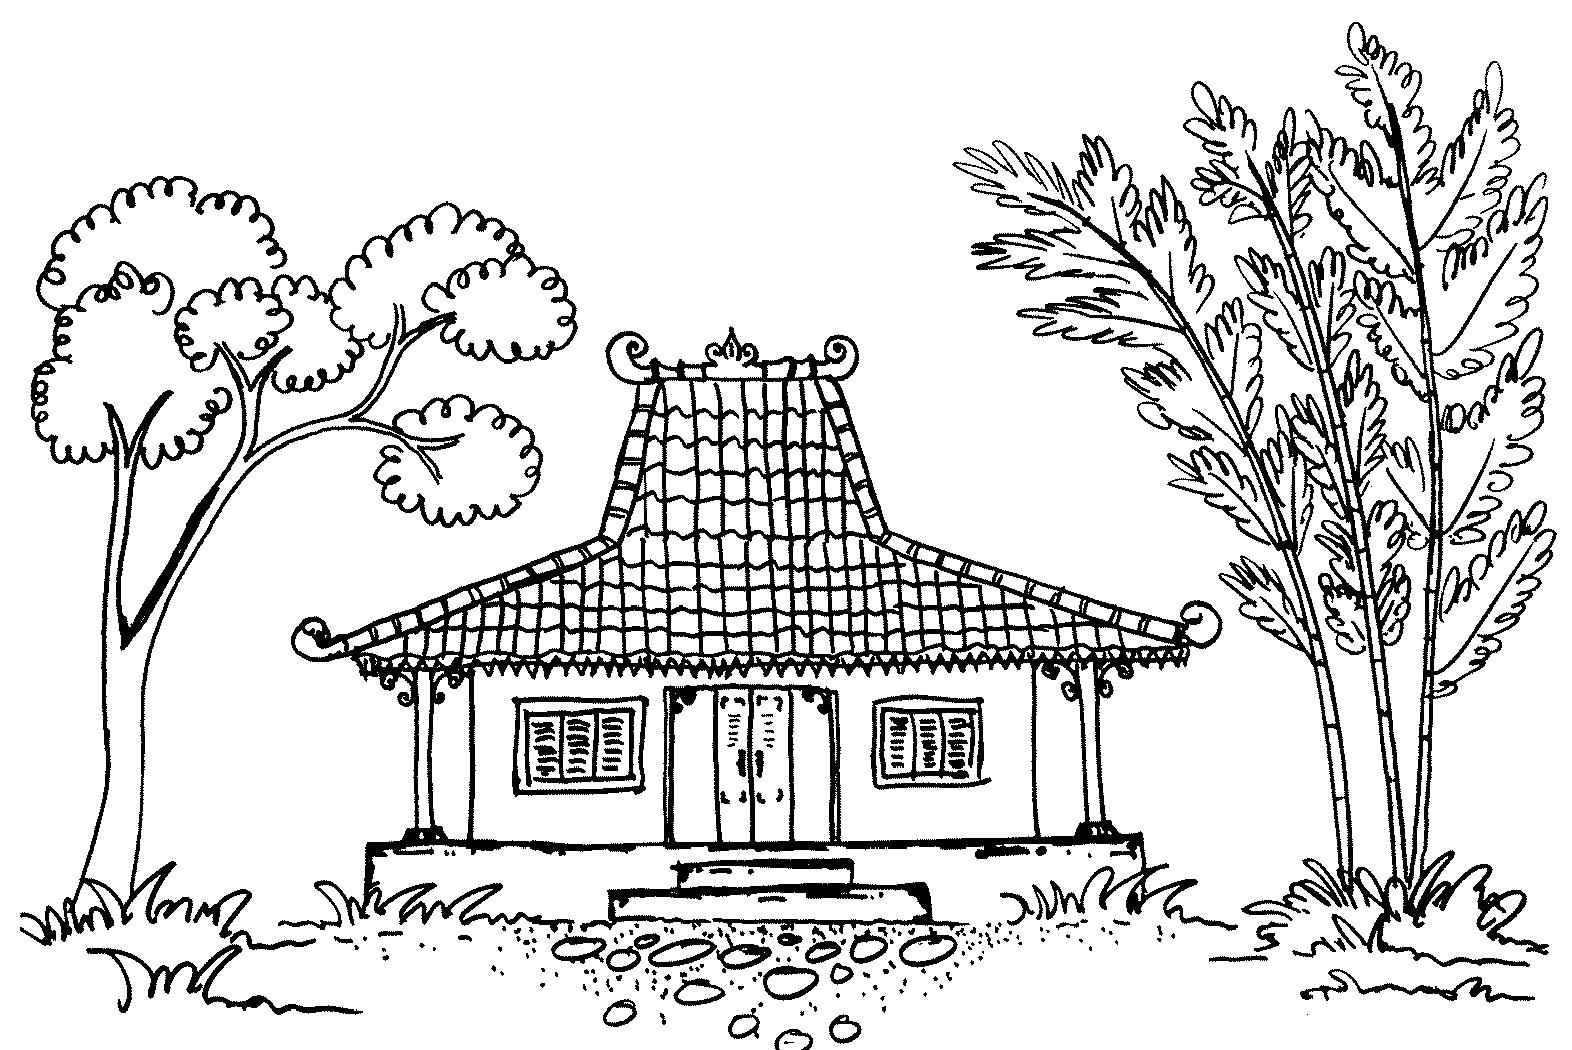 Gambar Mewarnai Rumah Adat Dari Koleksi Beragam Gambar Rumah Adat Gambar Sketsa Pemandangan